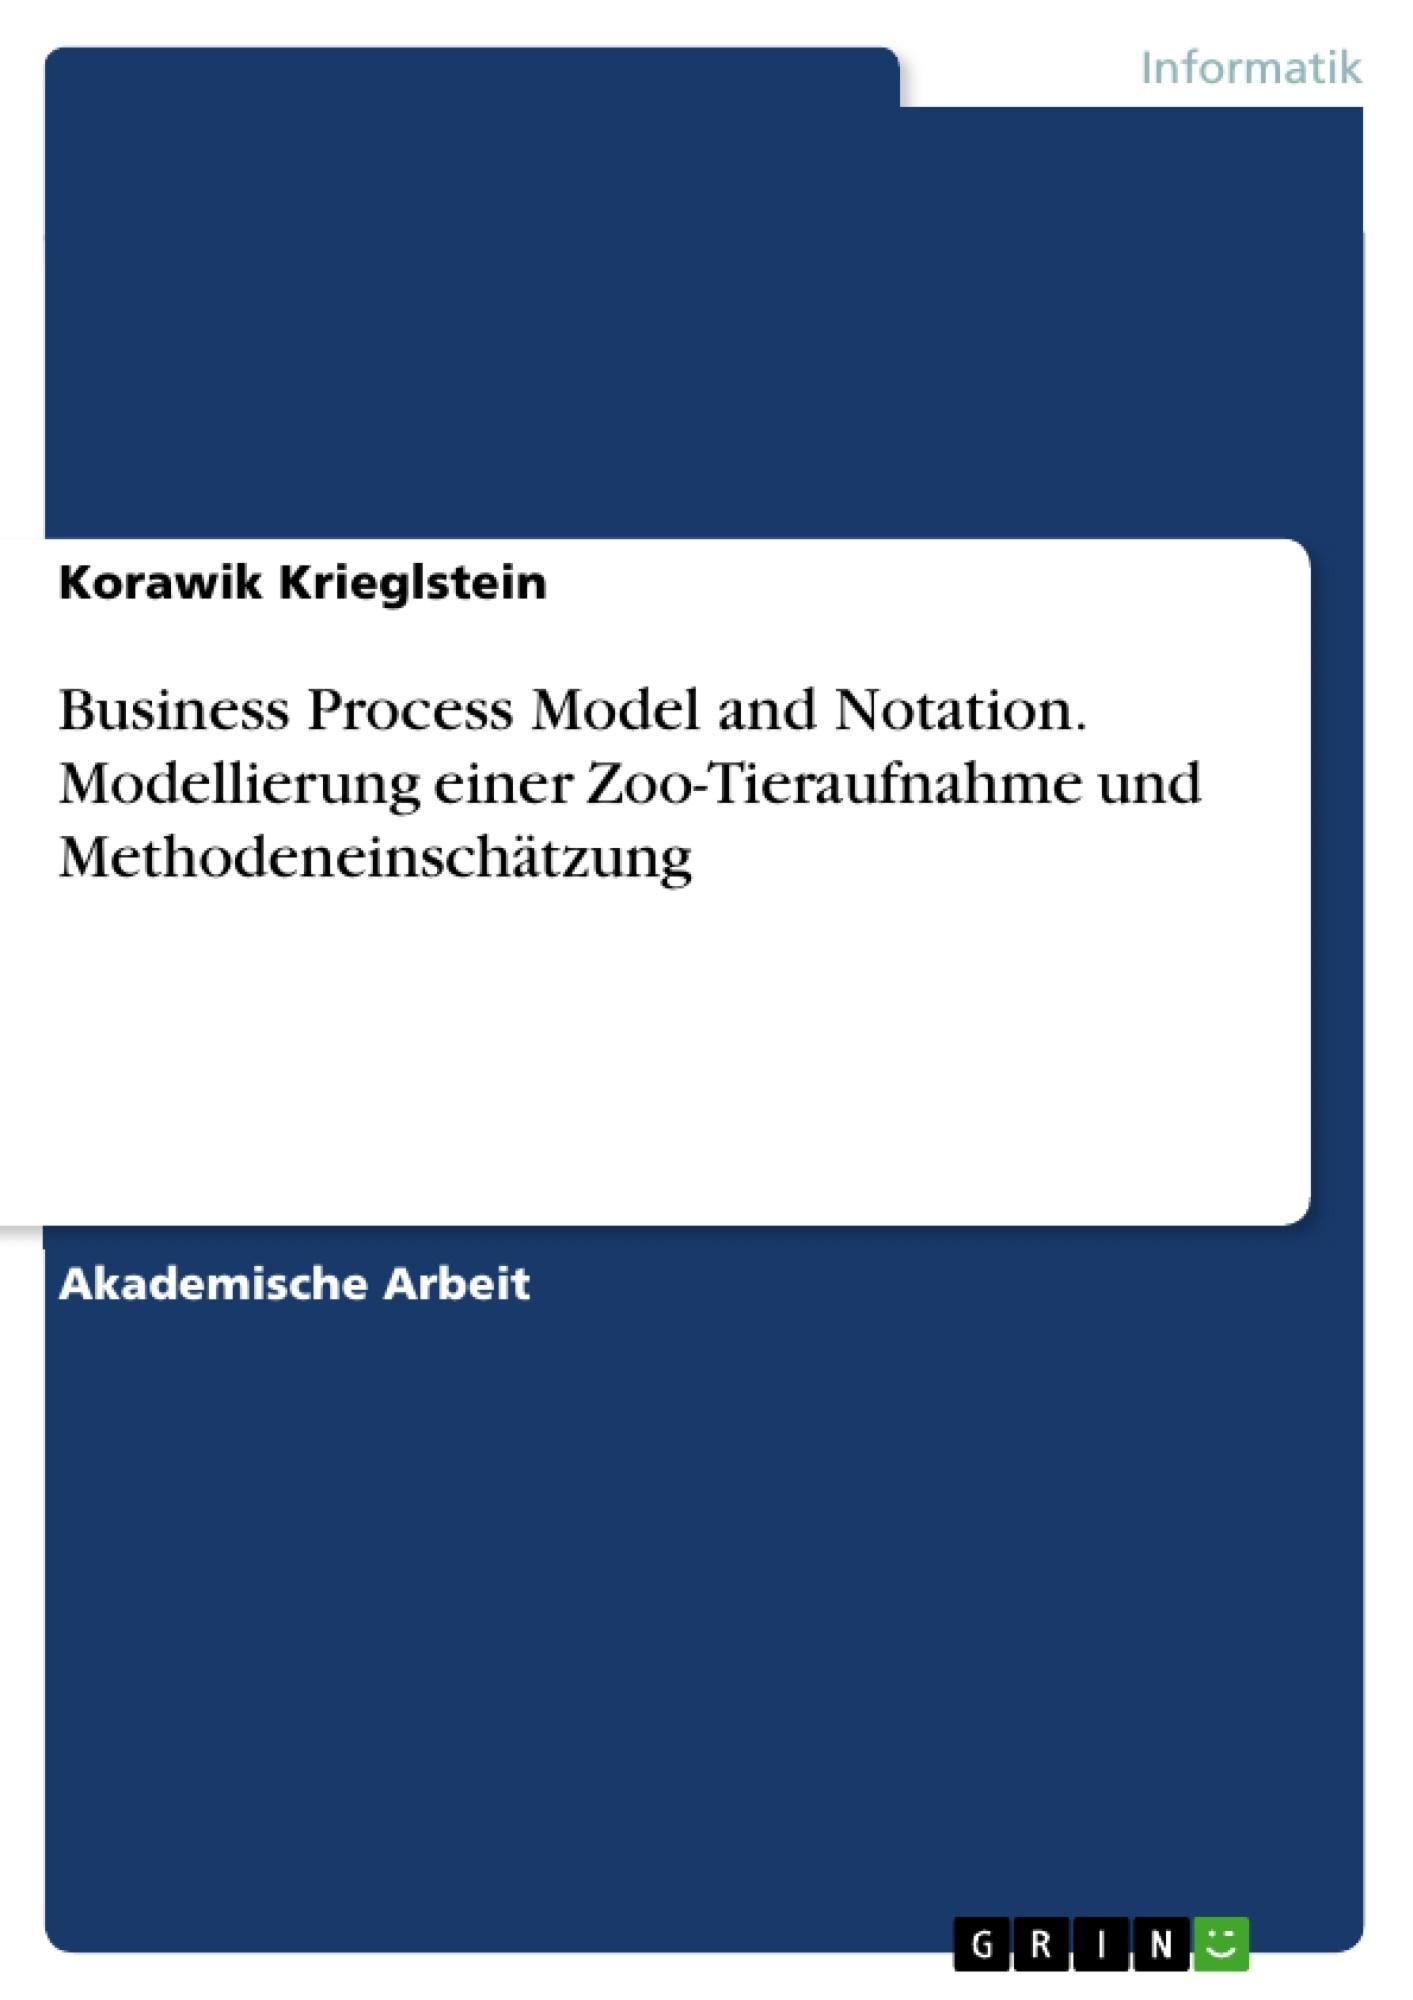 Titel: Business Process Model and Notation. Modellierung einer Zoo-Tieraufnahme und Methodeneinschätzung